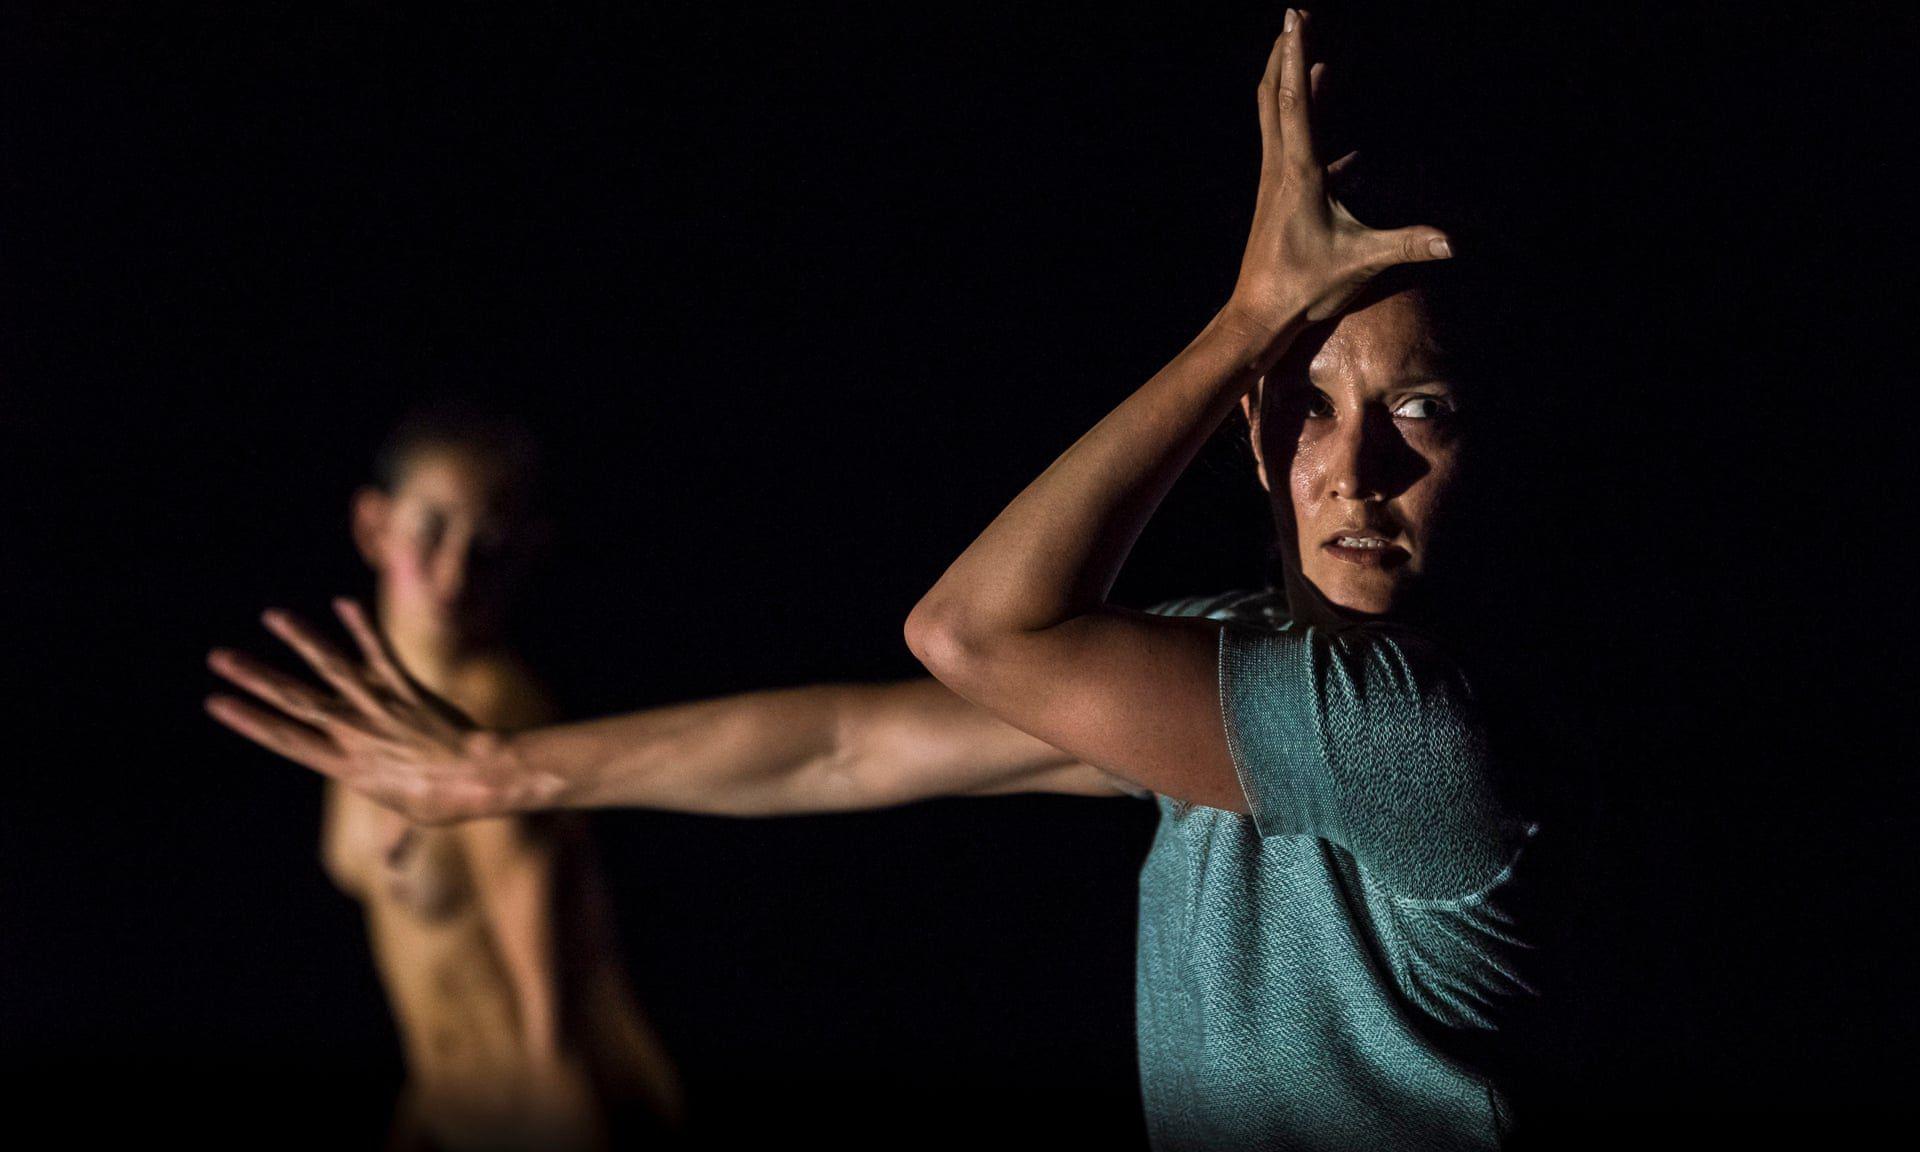 Khỏa thân trong vở múa từ góc nhìn của biên đạo và diễn viên múa - 1